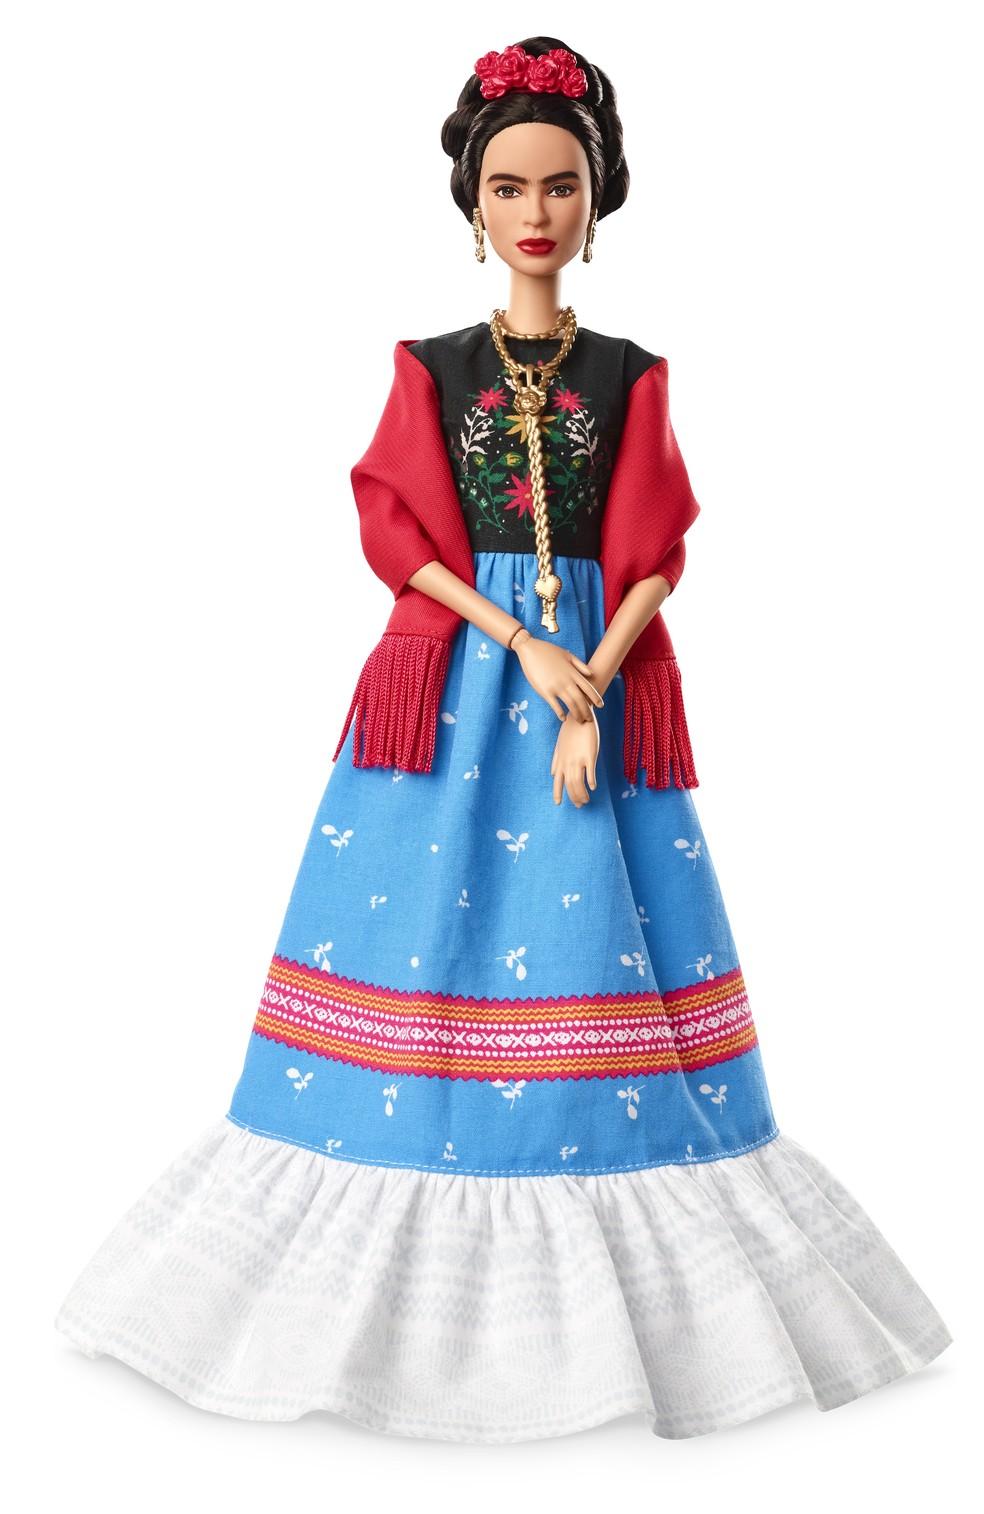 Barbie inspirada em Frida Khalo será vendida no Brasil a partir de 8 de março (Foto: Divulgação)